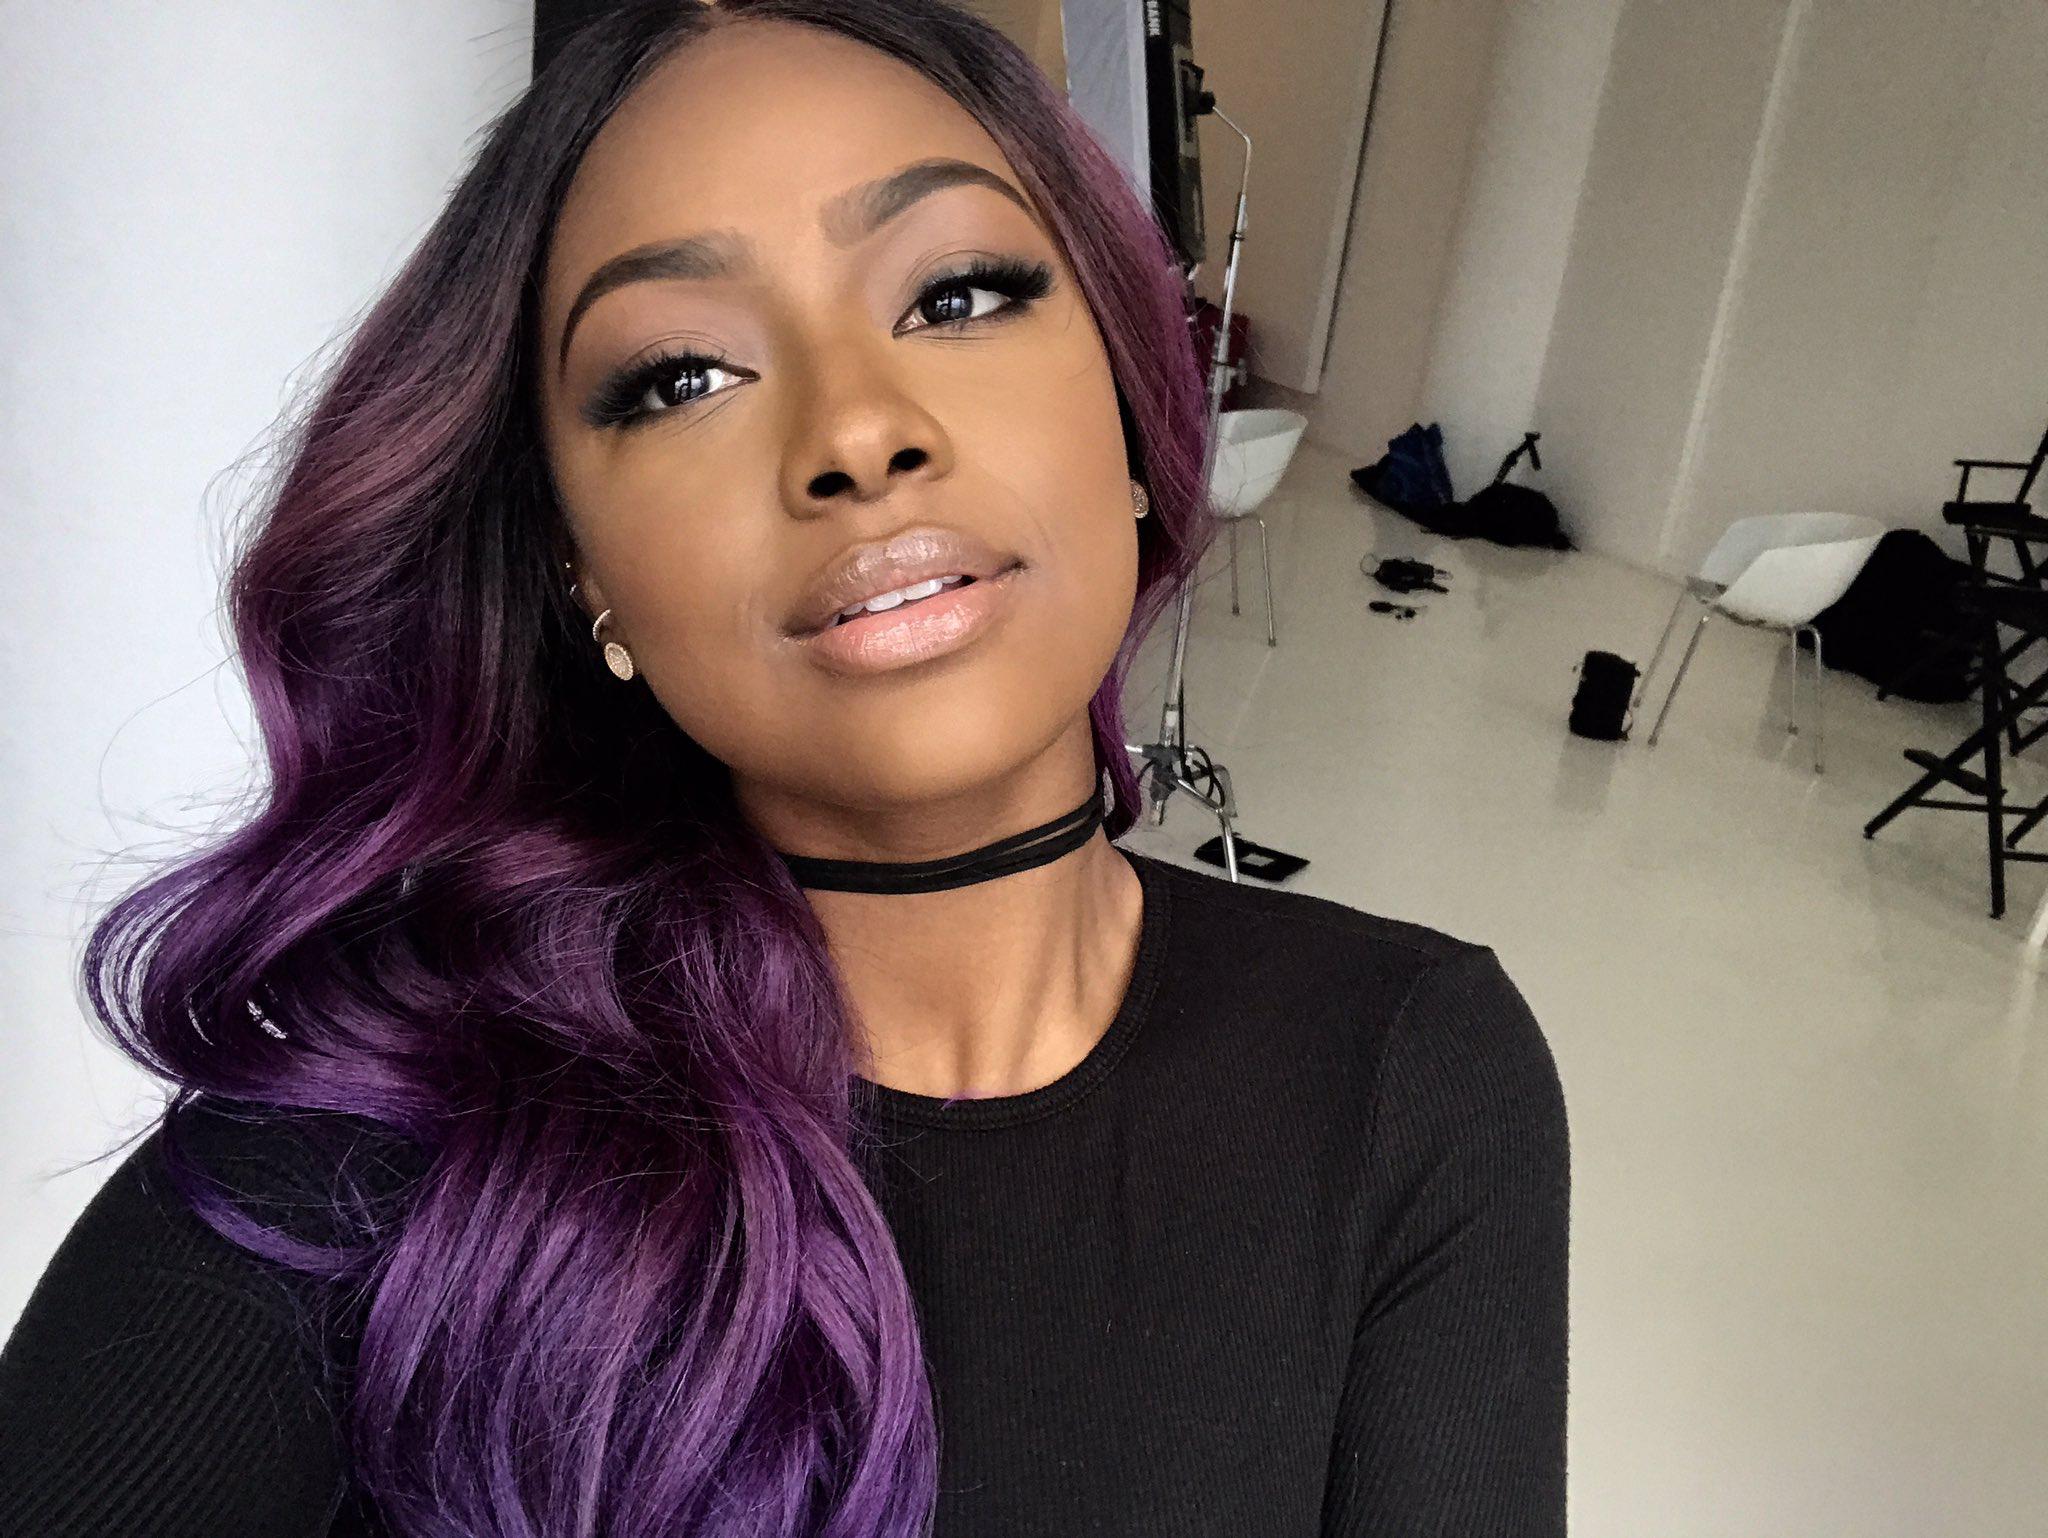 Purple Hair, Hair, Dyed Hair